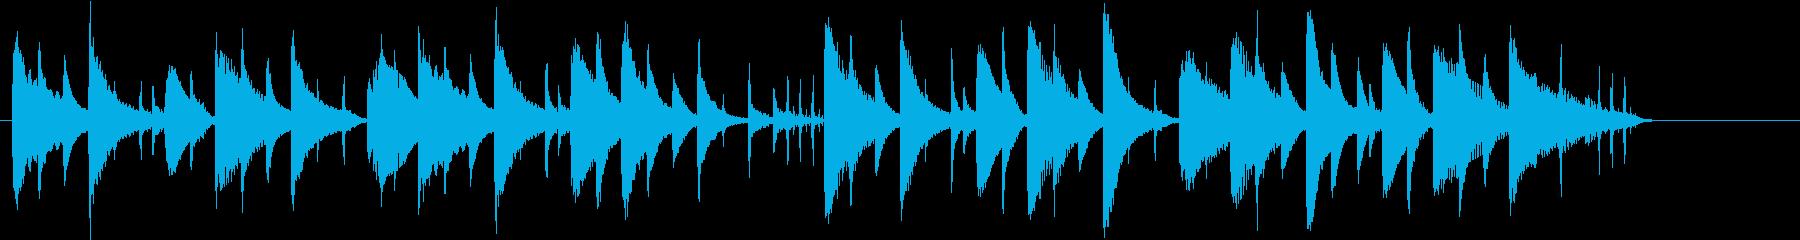 ほのぼの系のシンプルな短い曲の再生済みの波形